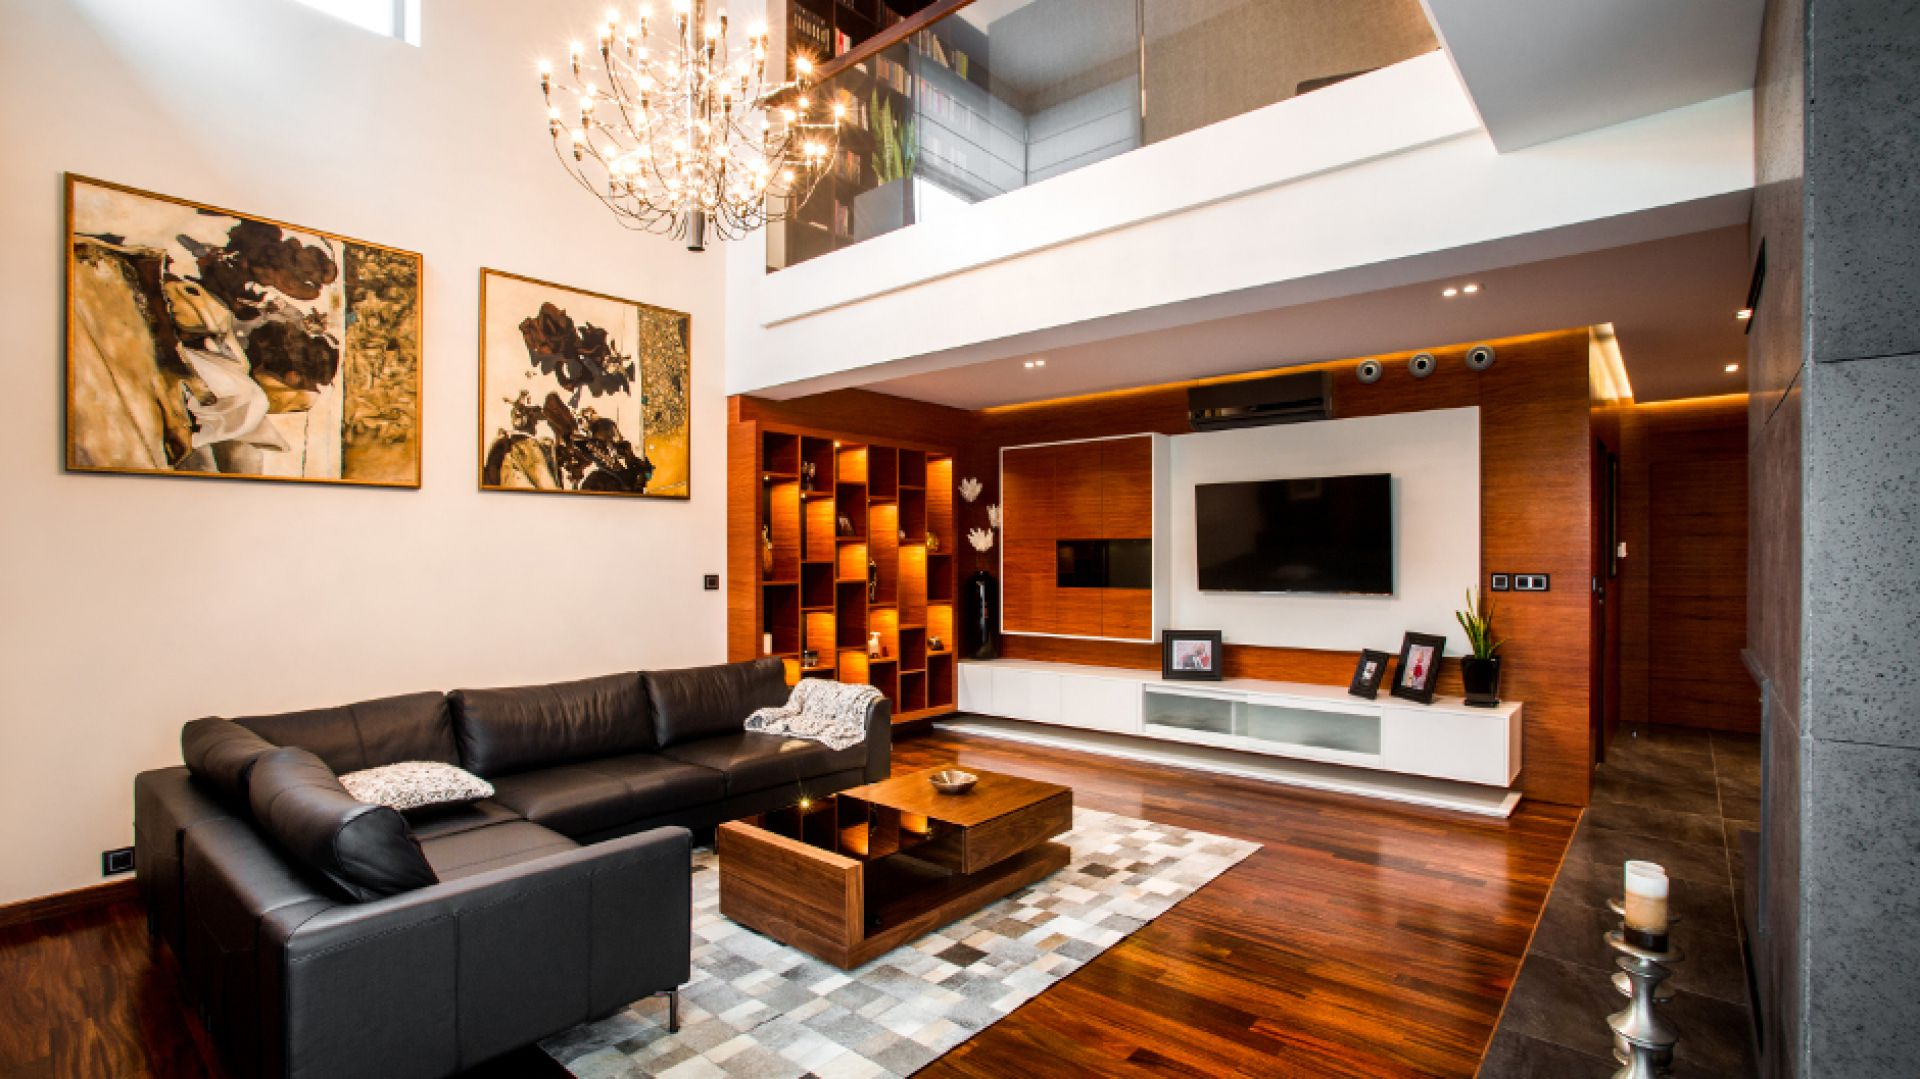 Ścianę wokół telewizora wyłożono naturalnym drewnem. Na powierzchni zamontowano białą płytę, w której centralnym punkcie zawisł telewizor. Jest on pięknie eksponowany przez, kontrastującą z czernią i okalającym panel drewnem, biel. Projekt: Pracownia Projektowania Wnętrz Viva Design, Fot. Tadeusz Poźniak.